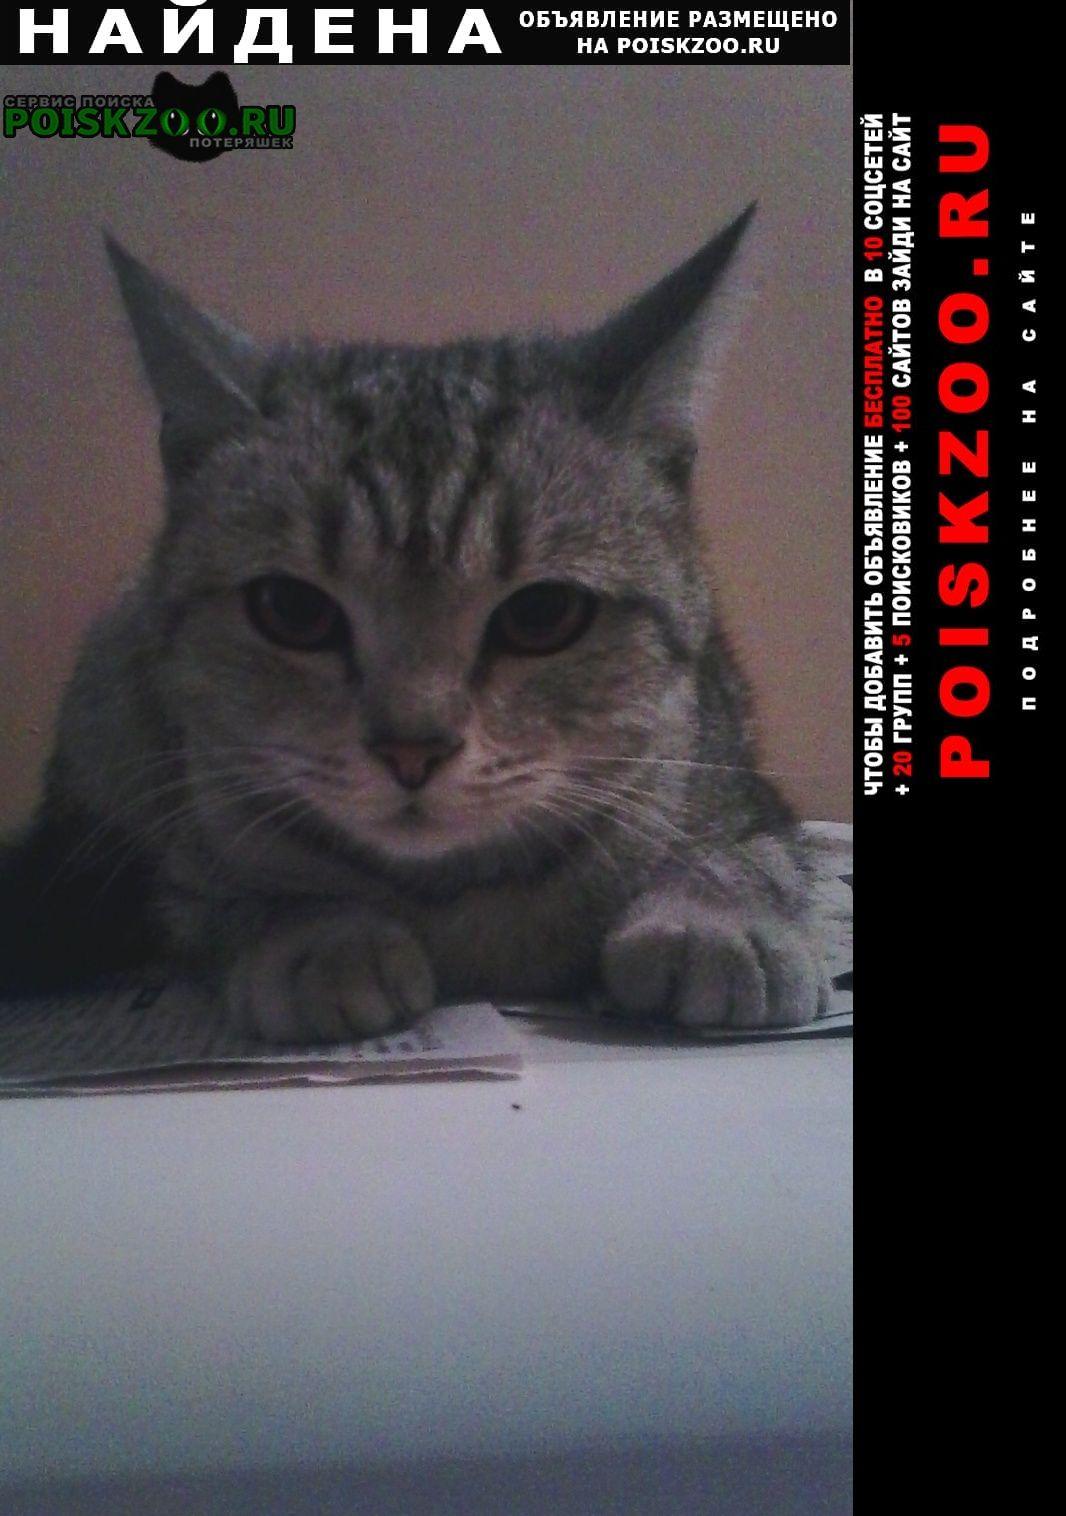 Найдена кошка Ленинск-Кузнецкий